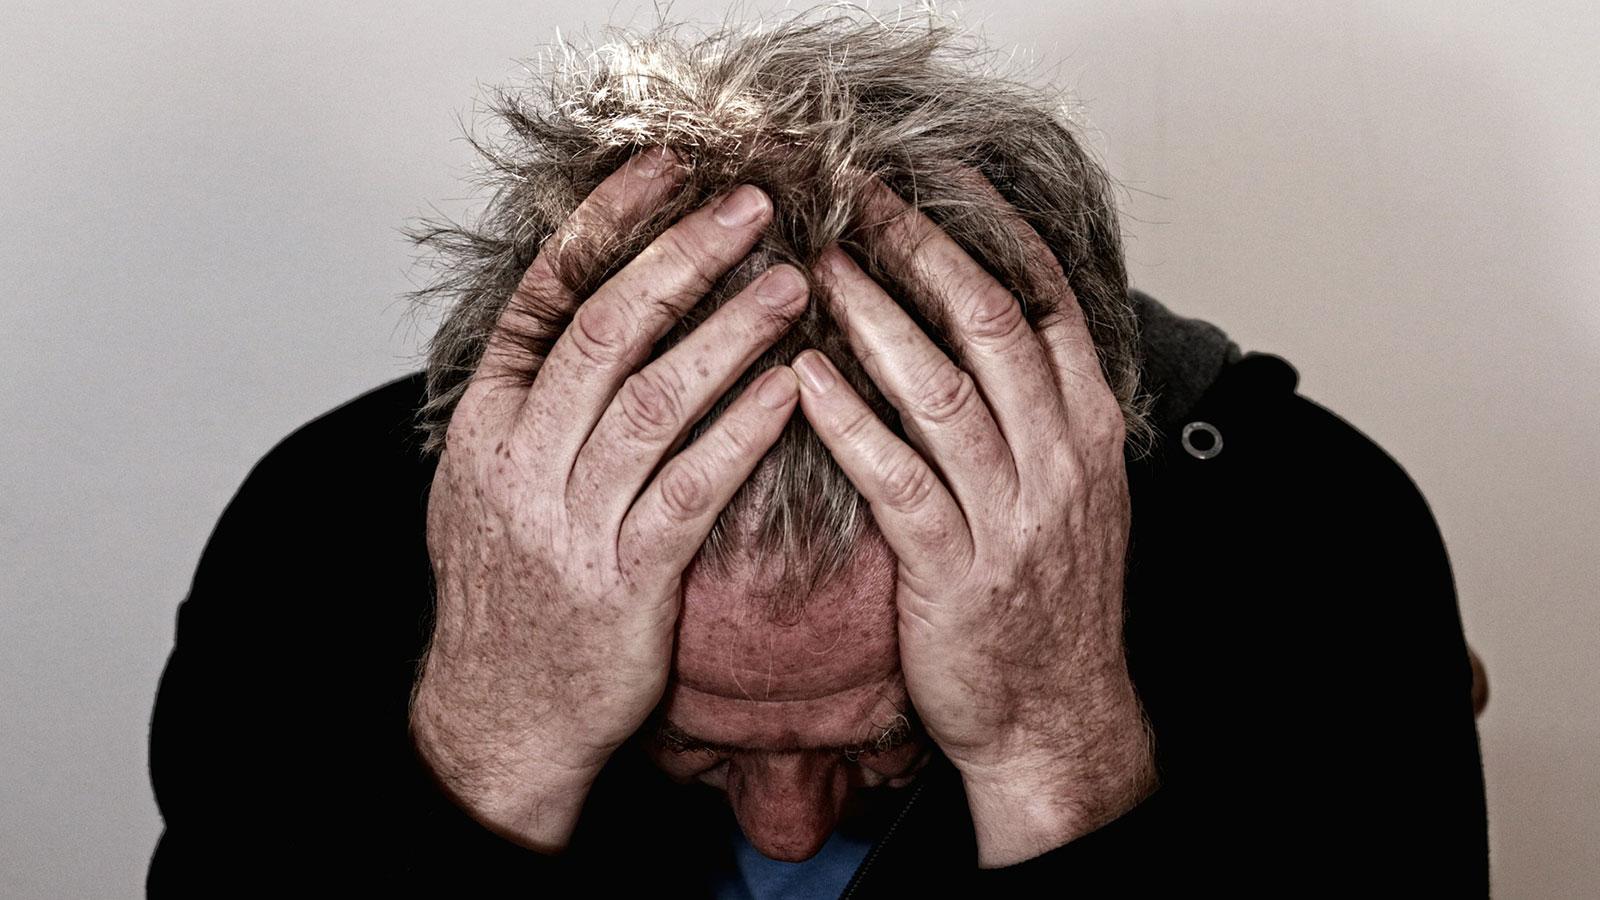 La depresión: ¿puede ser genética?